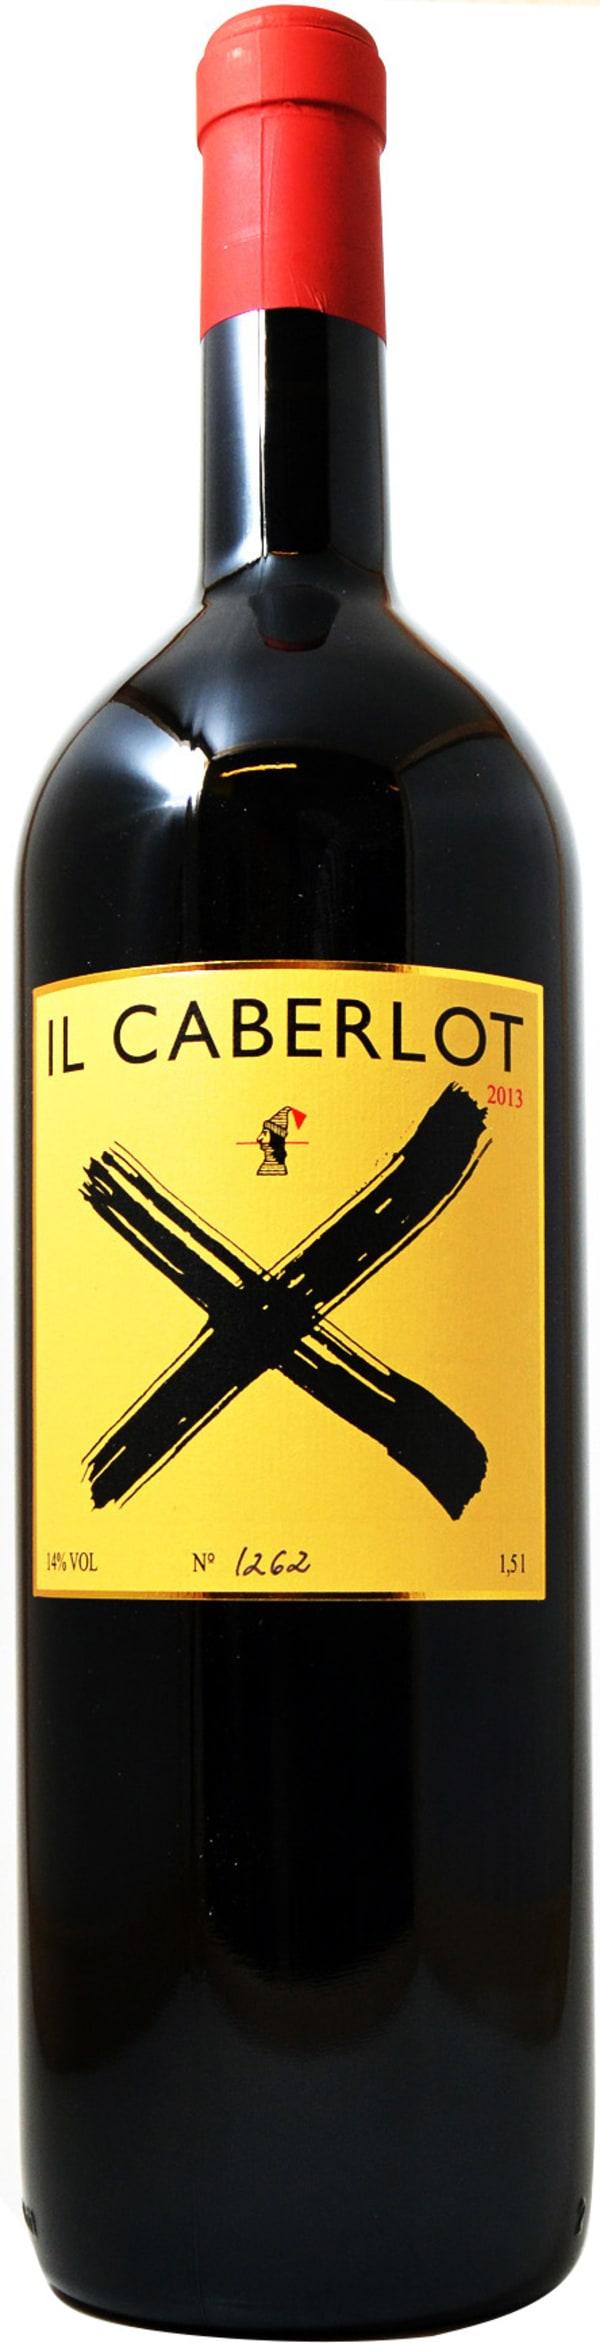 Carnasciale Il Caberlot  2014